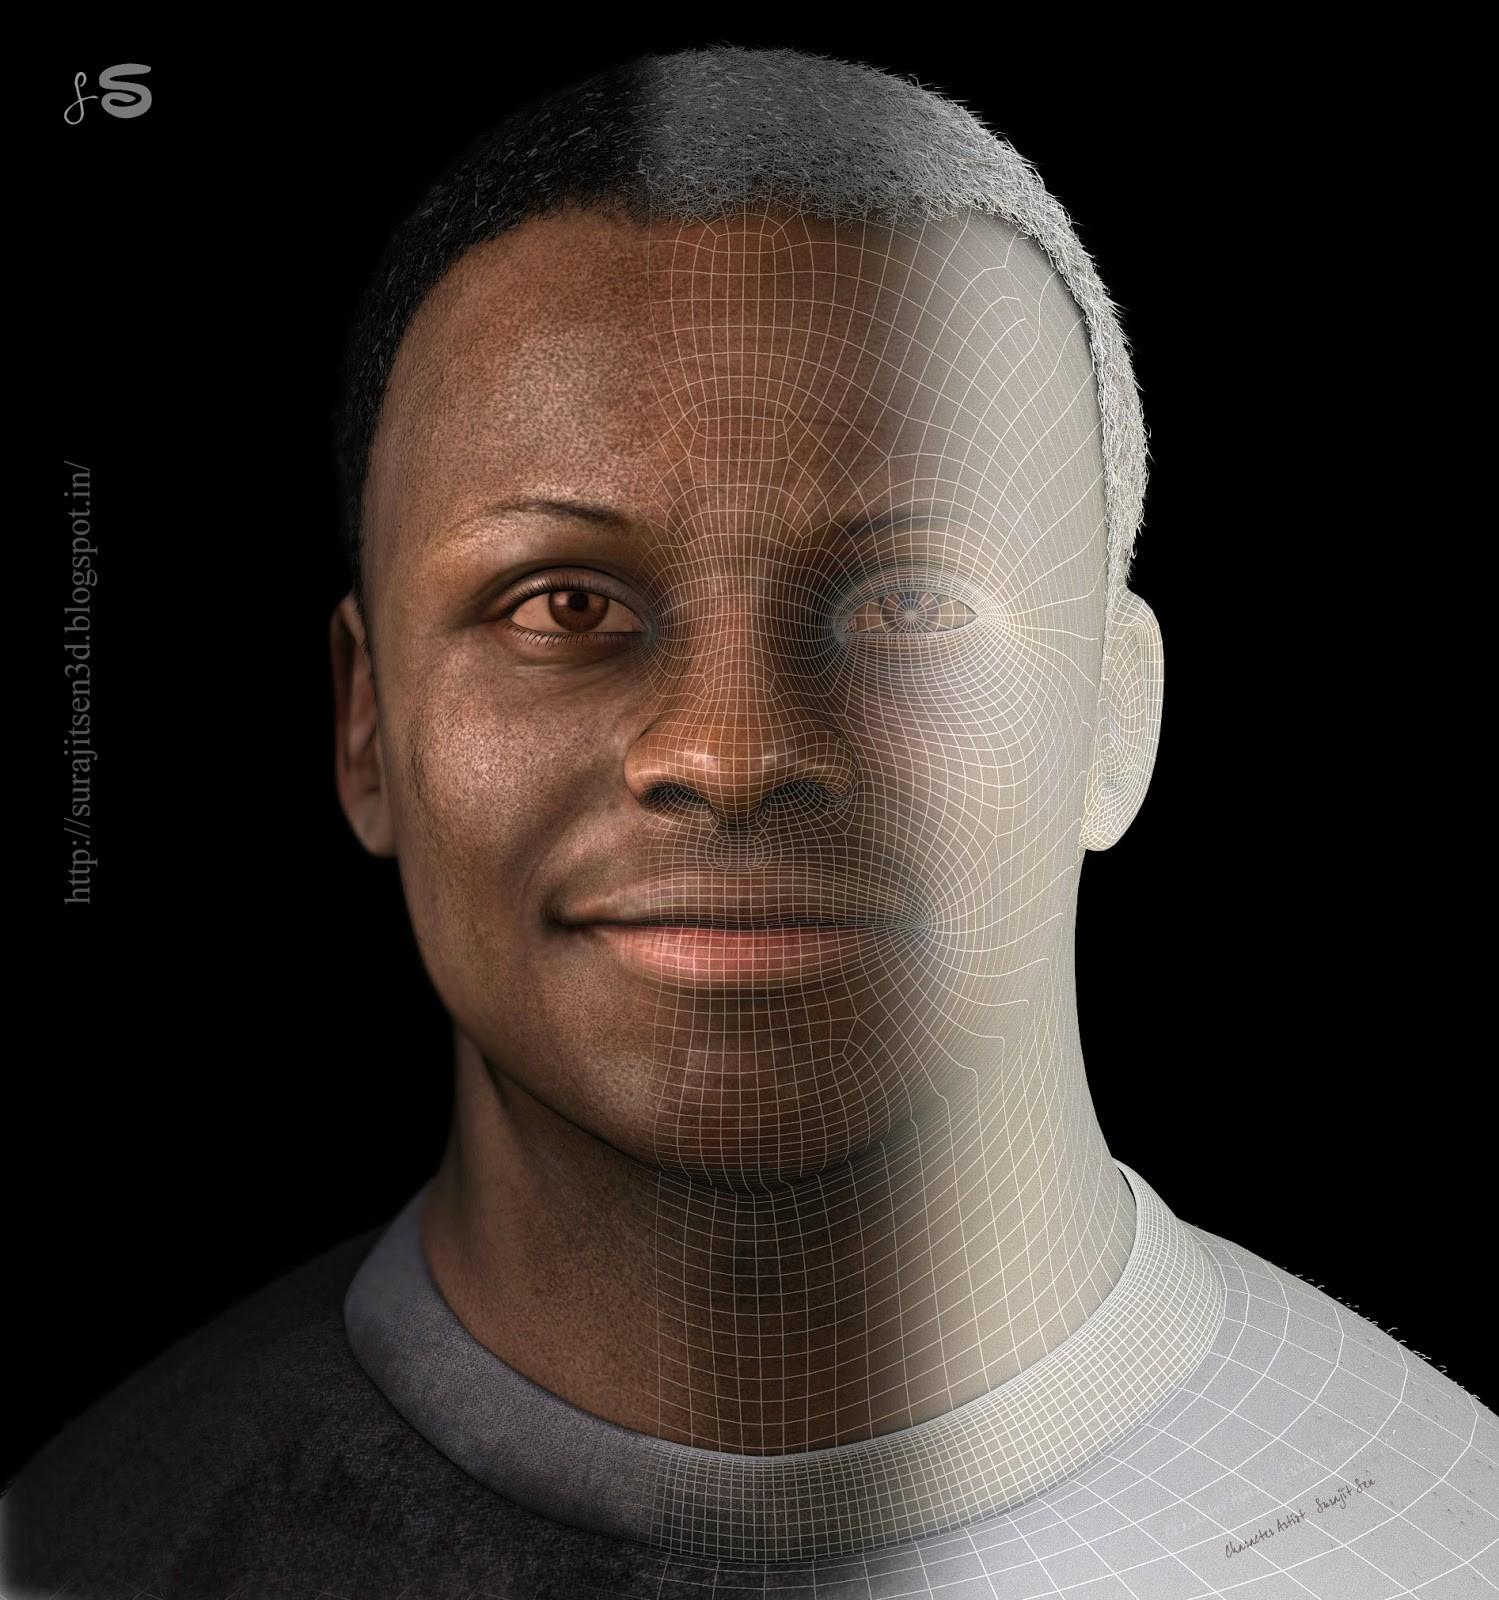 Surajit sen 2 nubia real time portrait by surajit sen wire